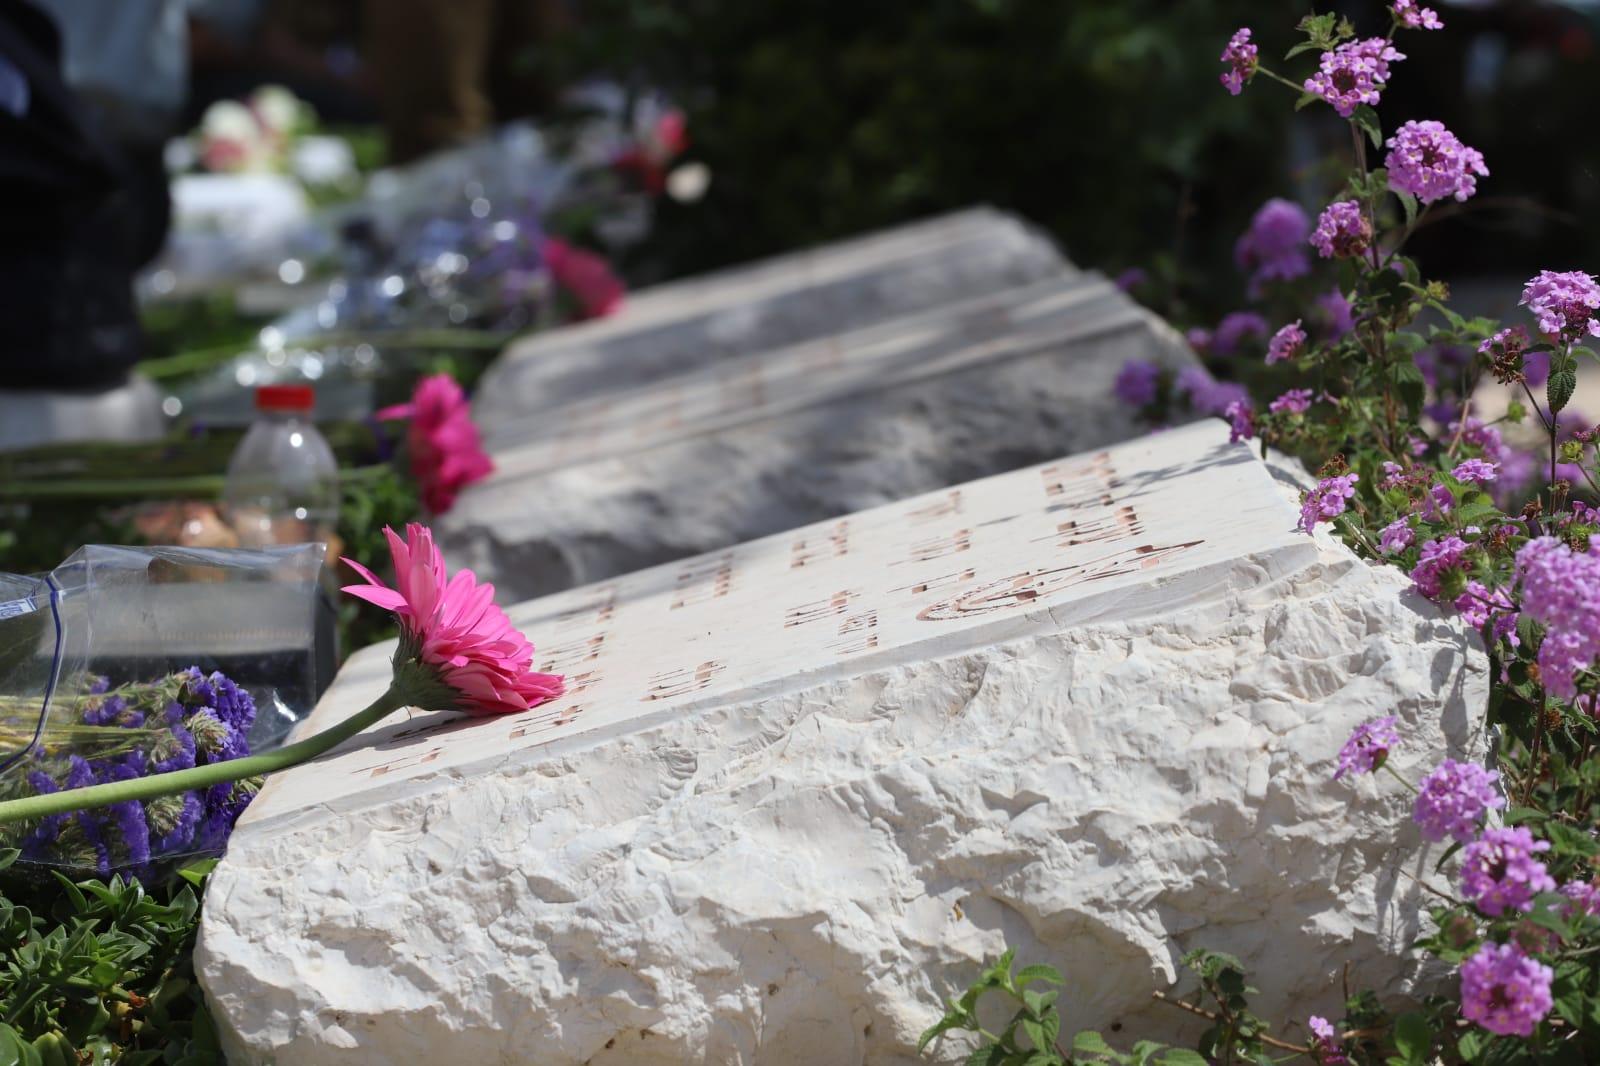 יום הזיכרון בקרית שאול צילום איתן (1) (1)